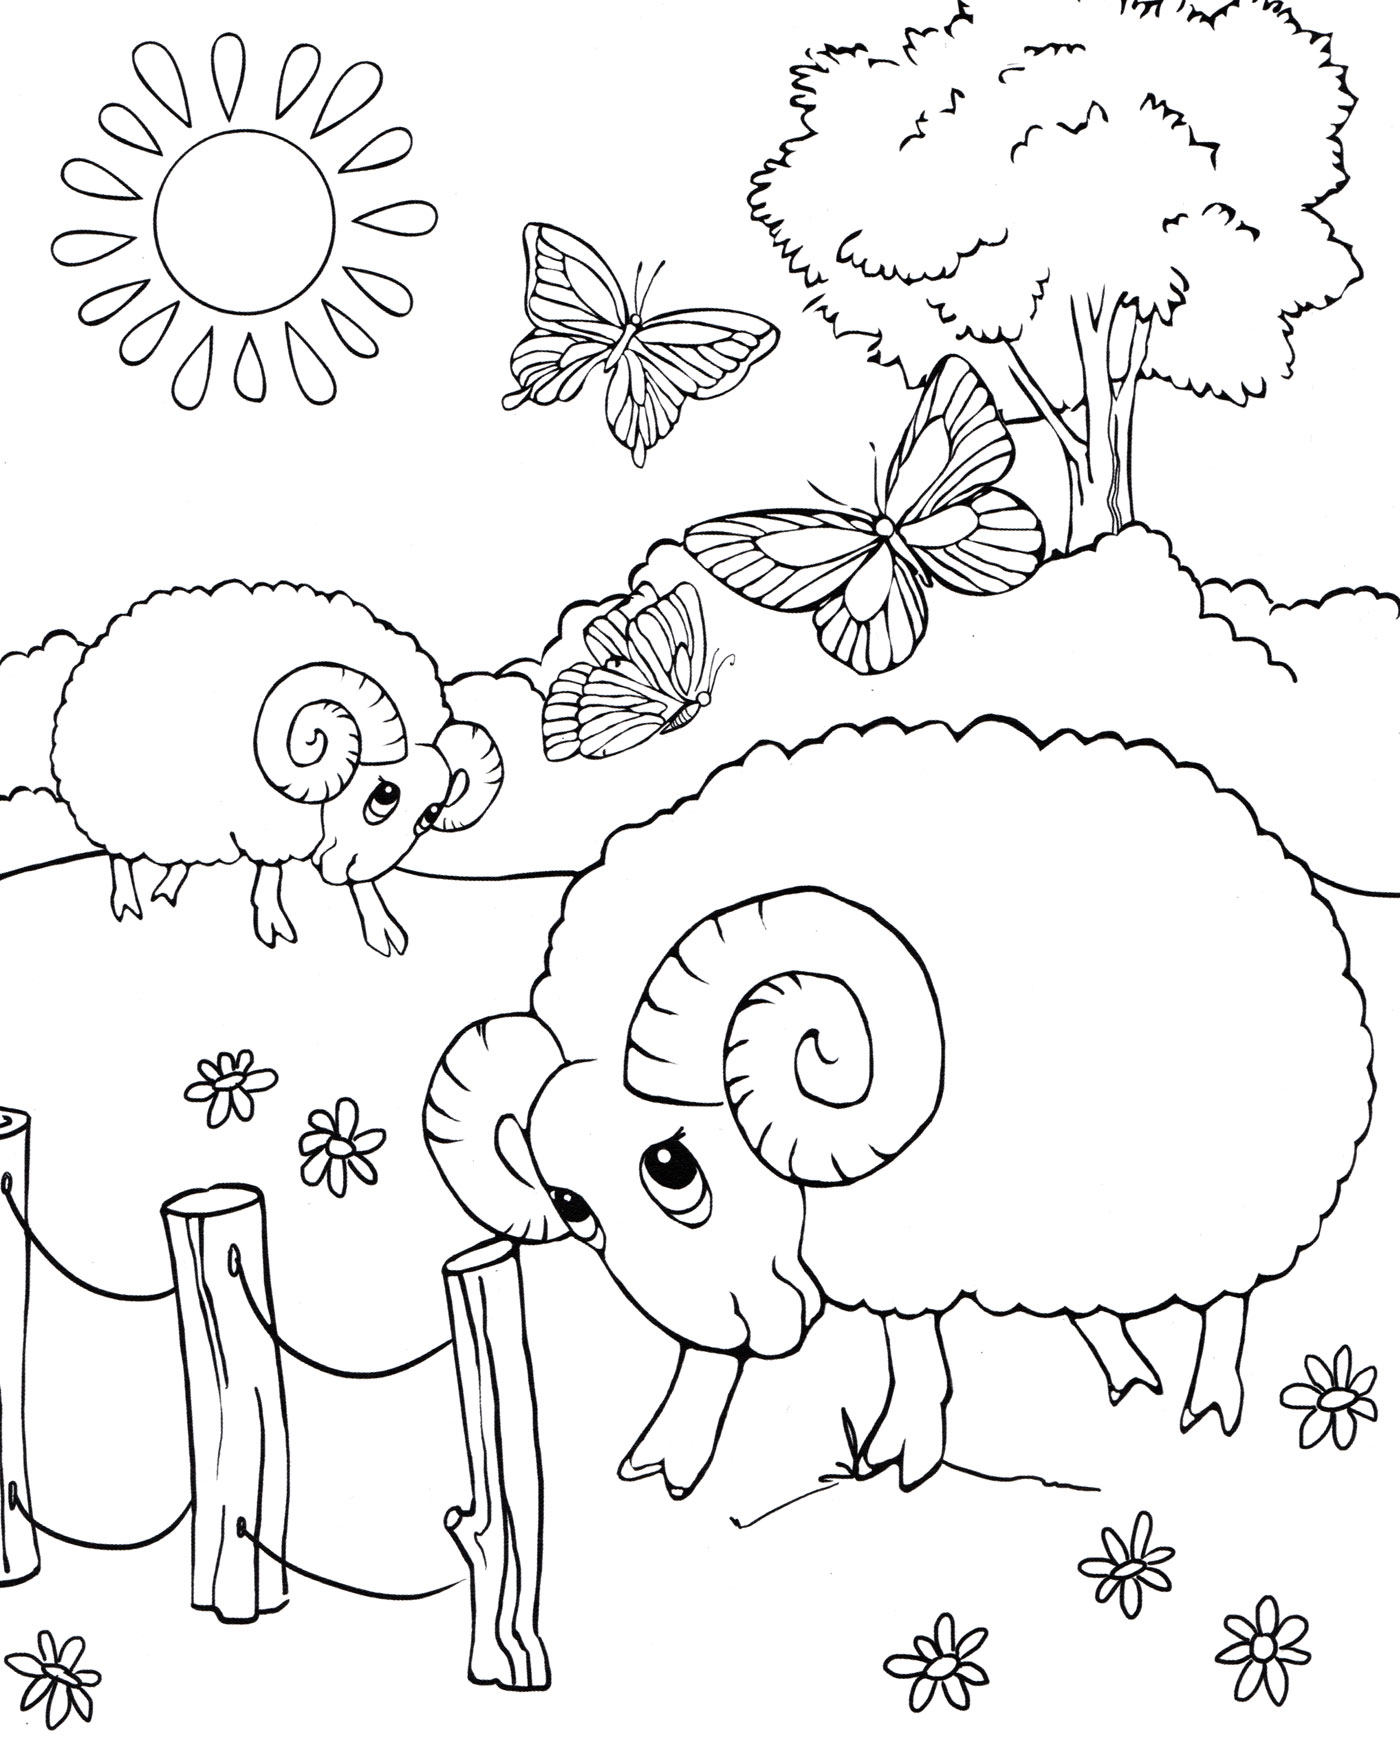 Раскраска Бараны пасутся на лугу - распечатать бесплатно